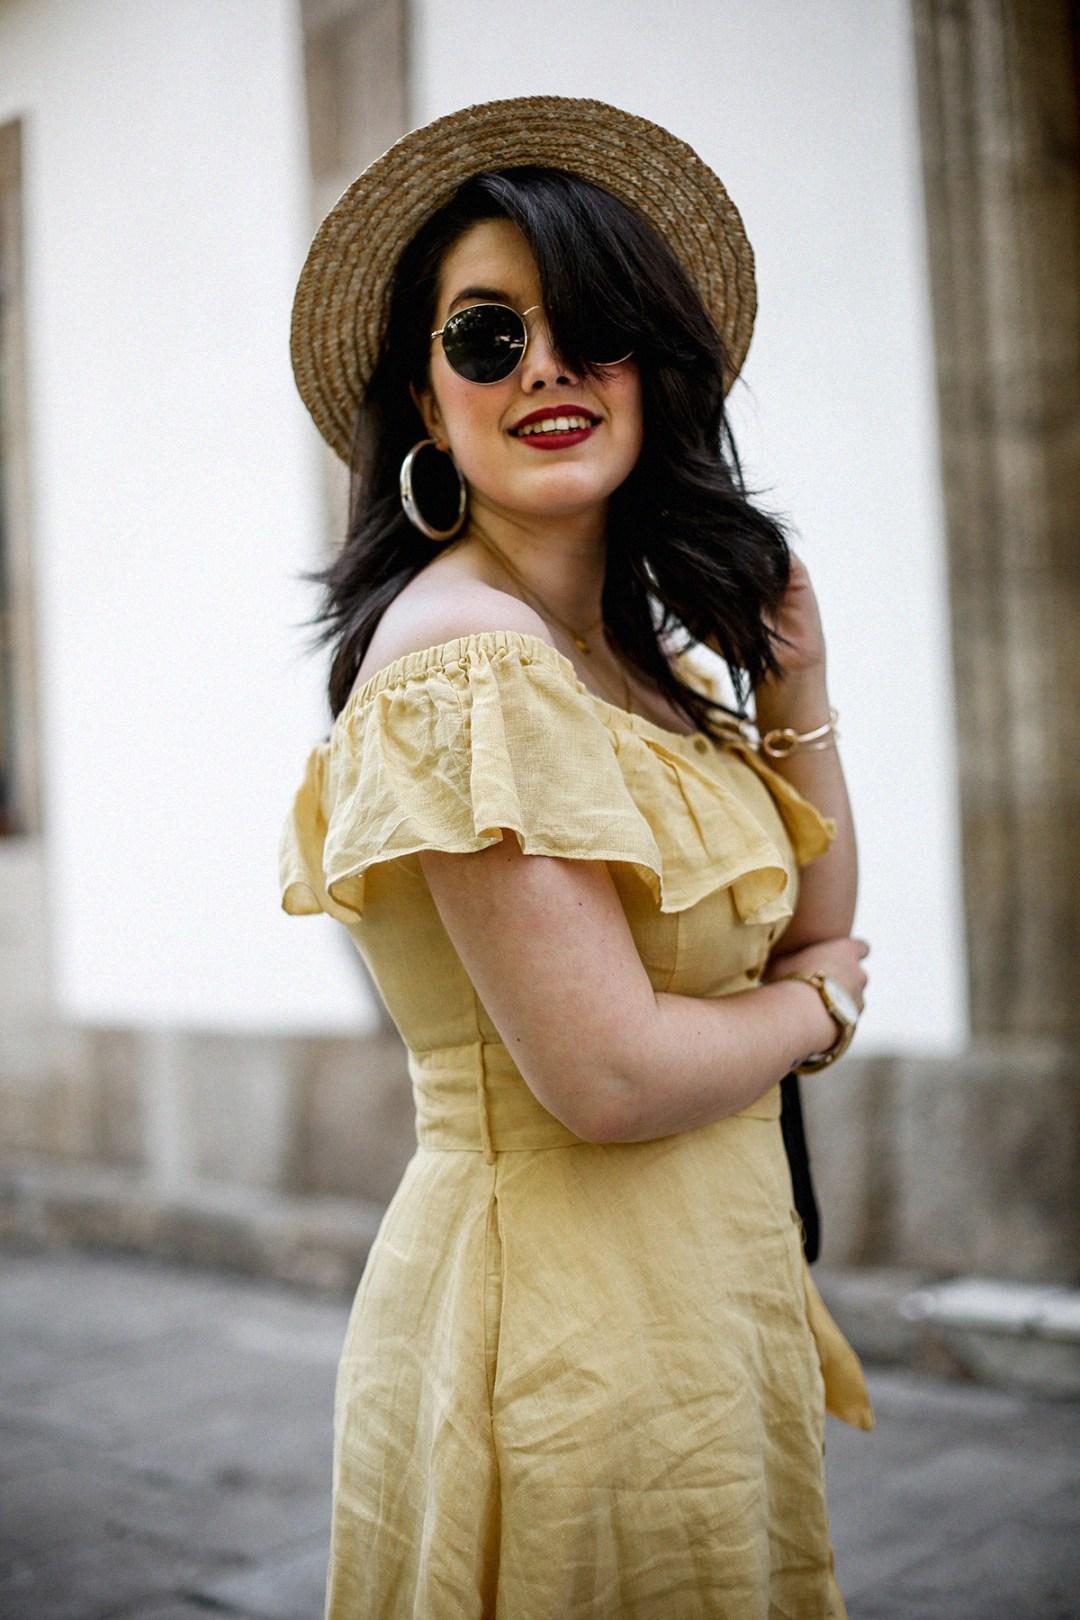 vestido-amarillo-hombros-descubiertos-zara-chanel-vintage-vestiaire-collective8